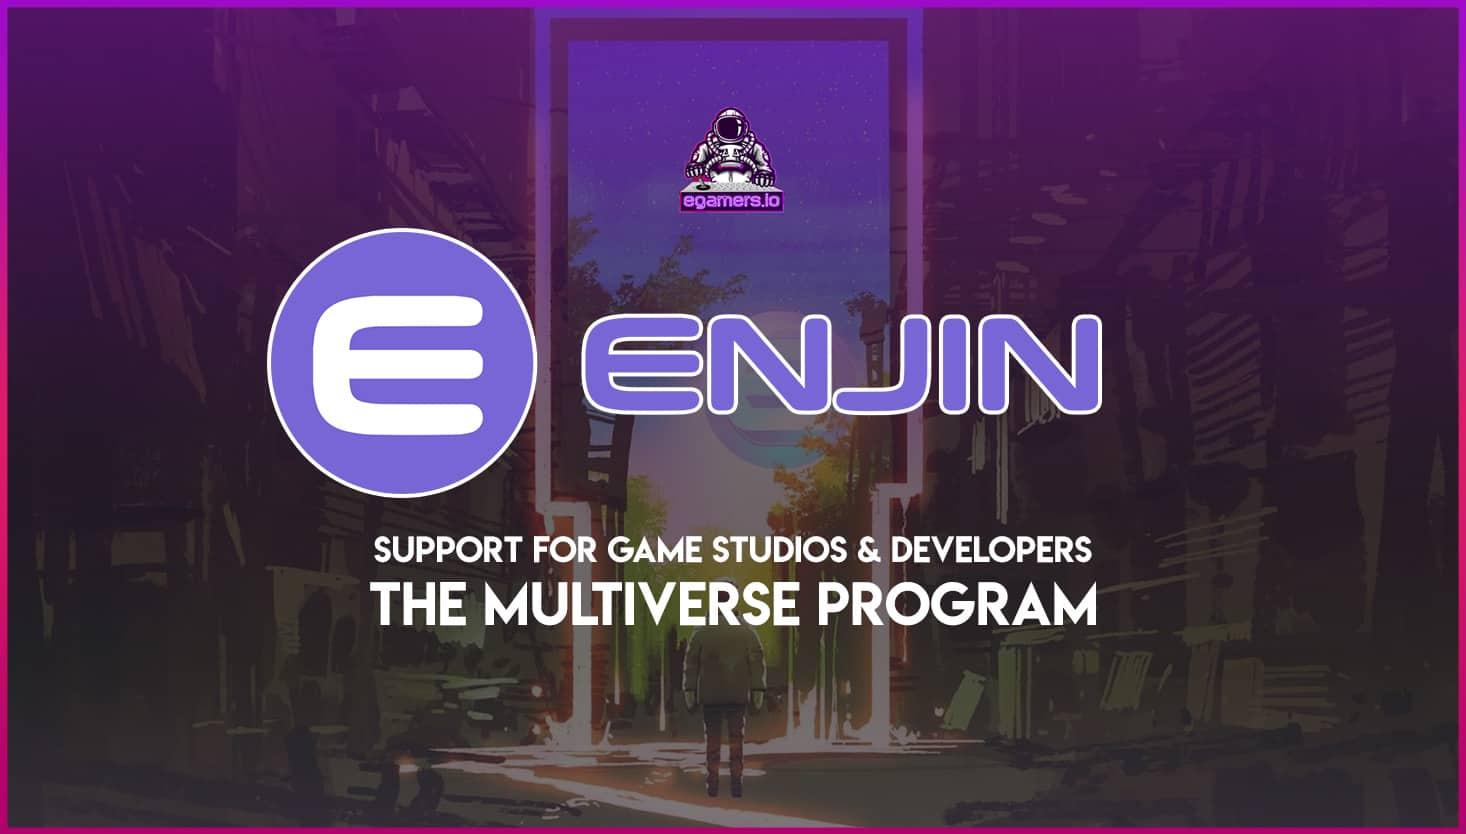 The Multiverse Program by Enjin